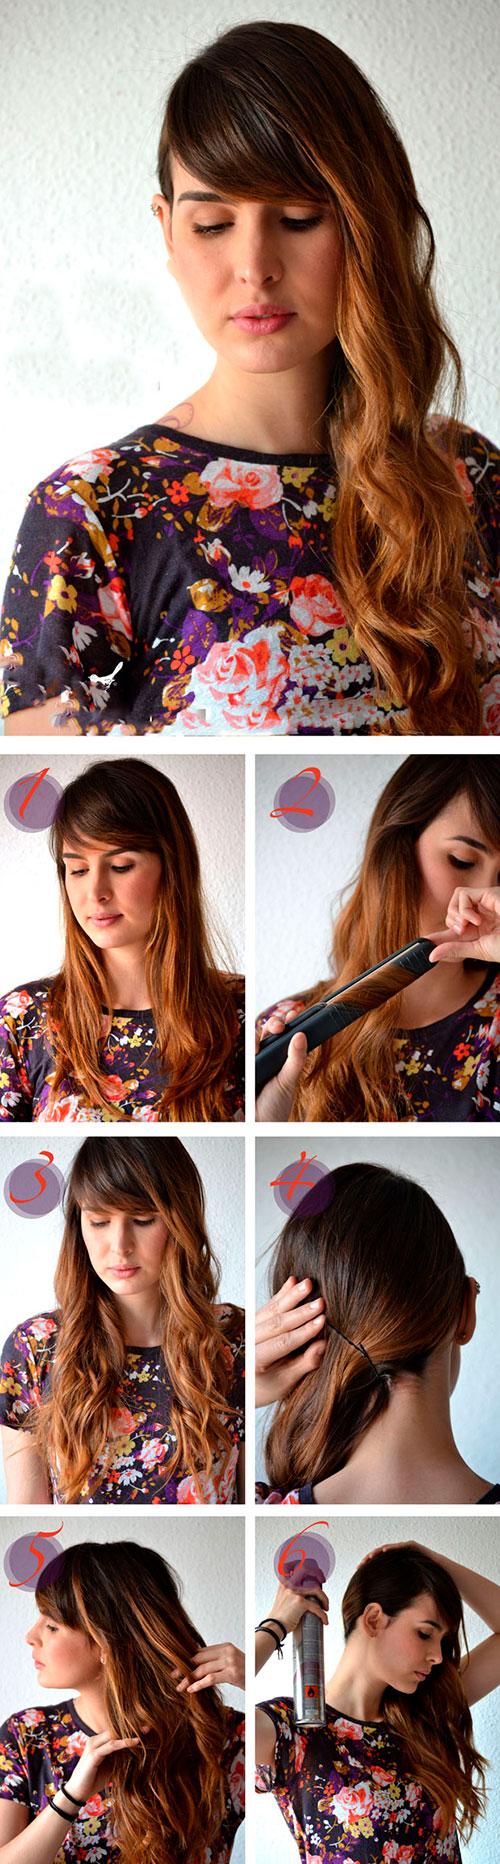 Волосы набок